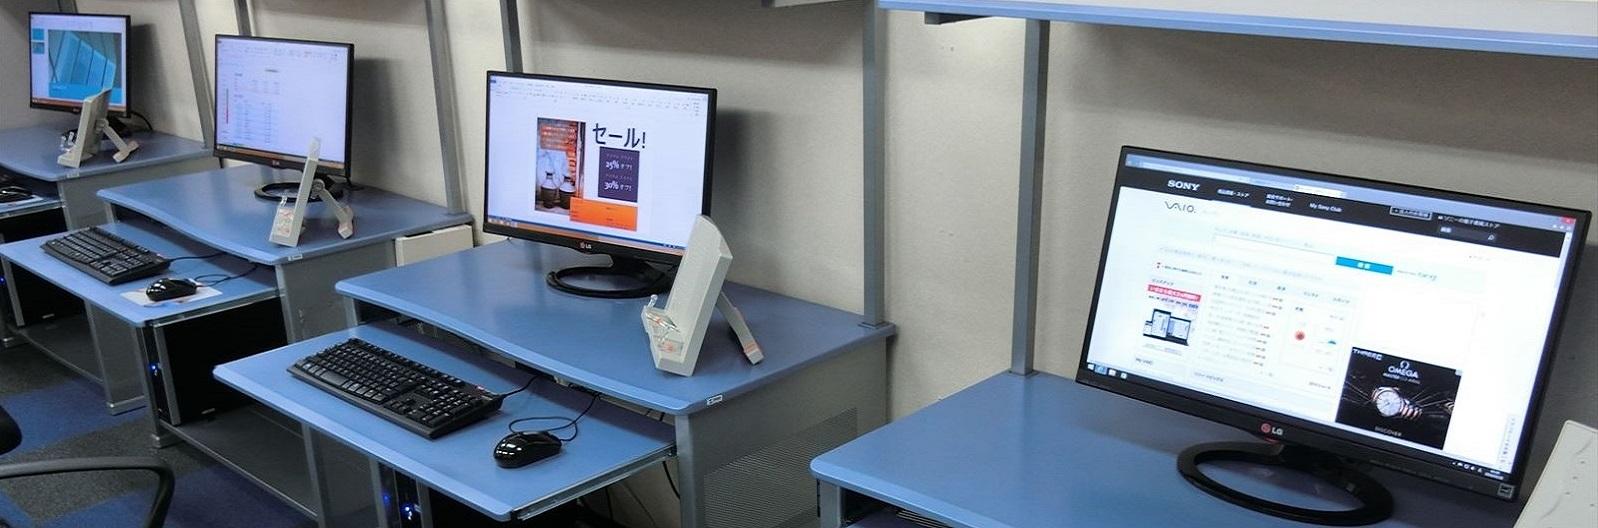 ゆったりと落ち着いた雰囲気で勉強できる教室です!